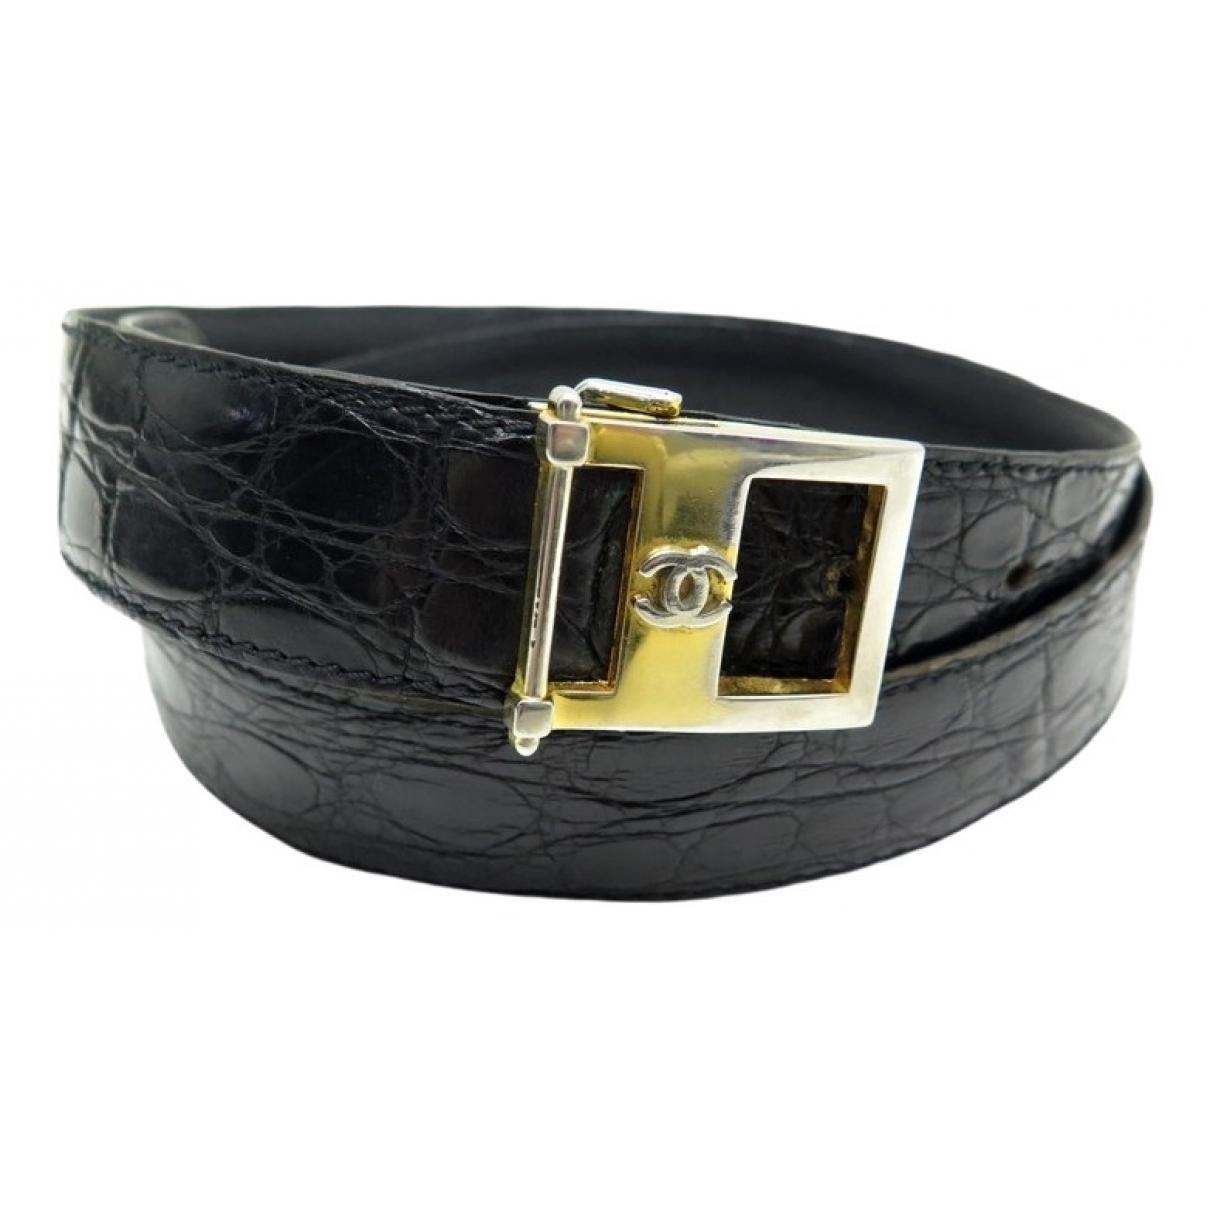 Cinturon de Cocodrilo Chanel